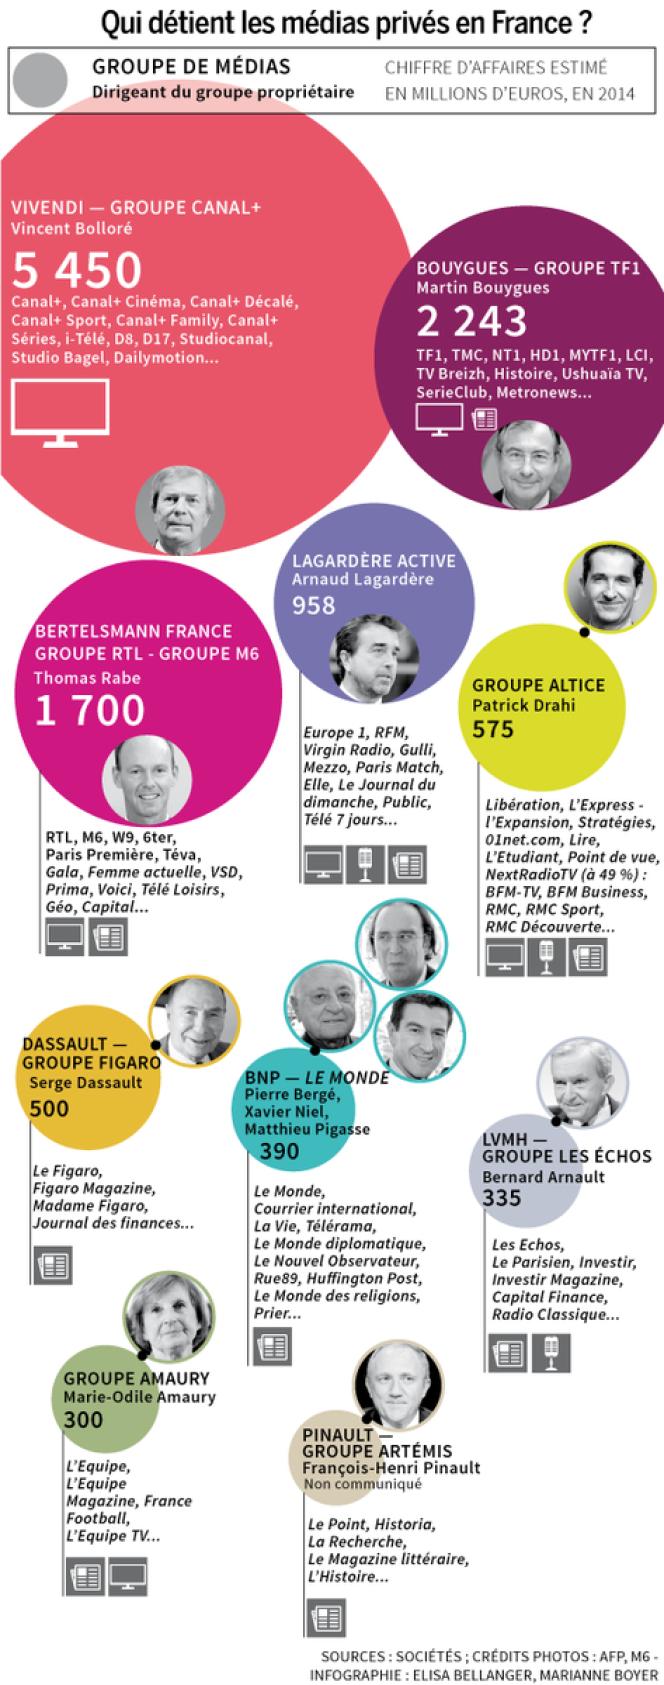 Qui détient les médias privés en France ?